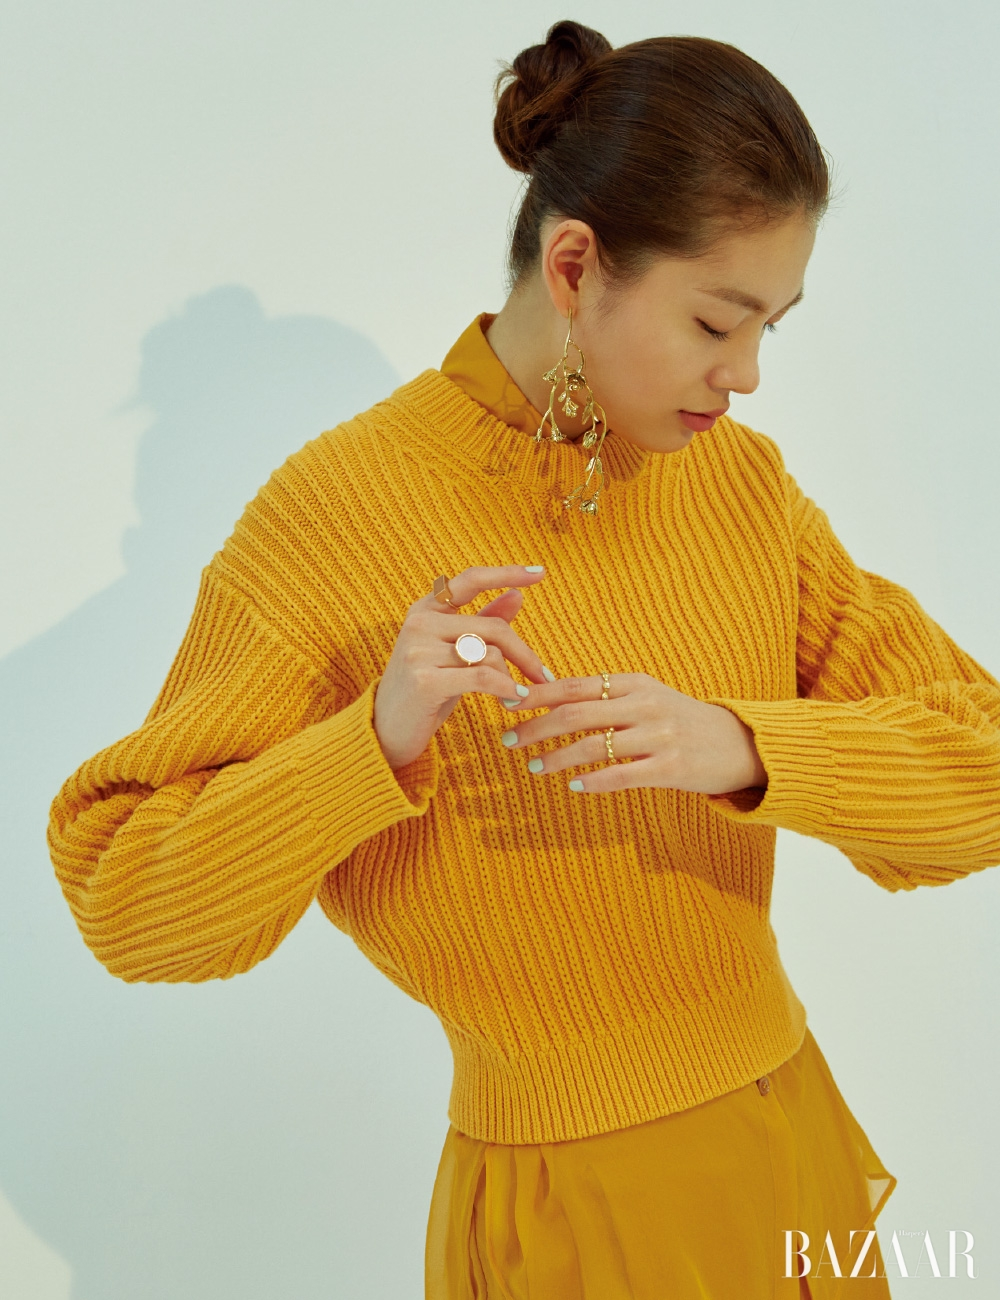 스웨터는 57만원 Acne Studios, 시어한 실크 셔츠, 팬츠는 모두 Salvatore Ferragamo, 귀고리는 16만2천원 Vive, 오른손의 볼드한 원석 반지는 각각 1백30만원 Ginette NY, 왼손 검지의 반지는 15만8천원 Pandora, 약지의 반지는 19만8천원 Jem & Pebbles.